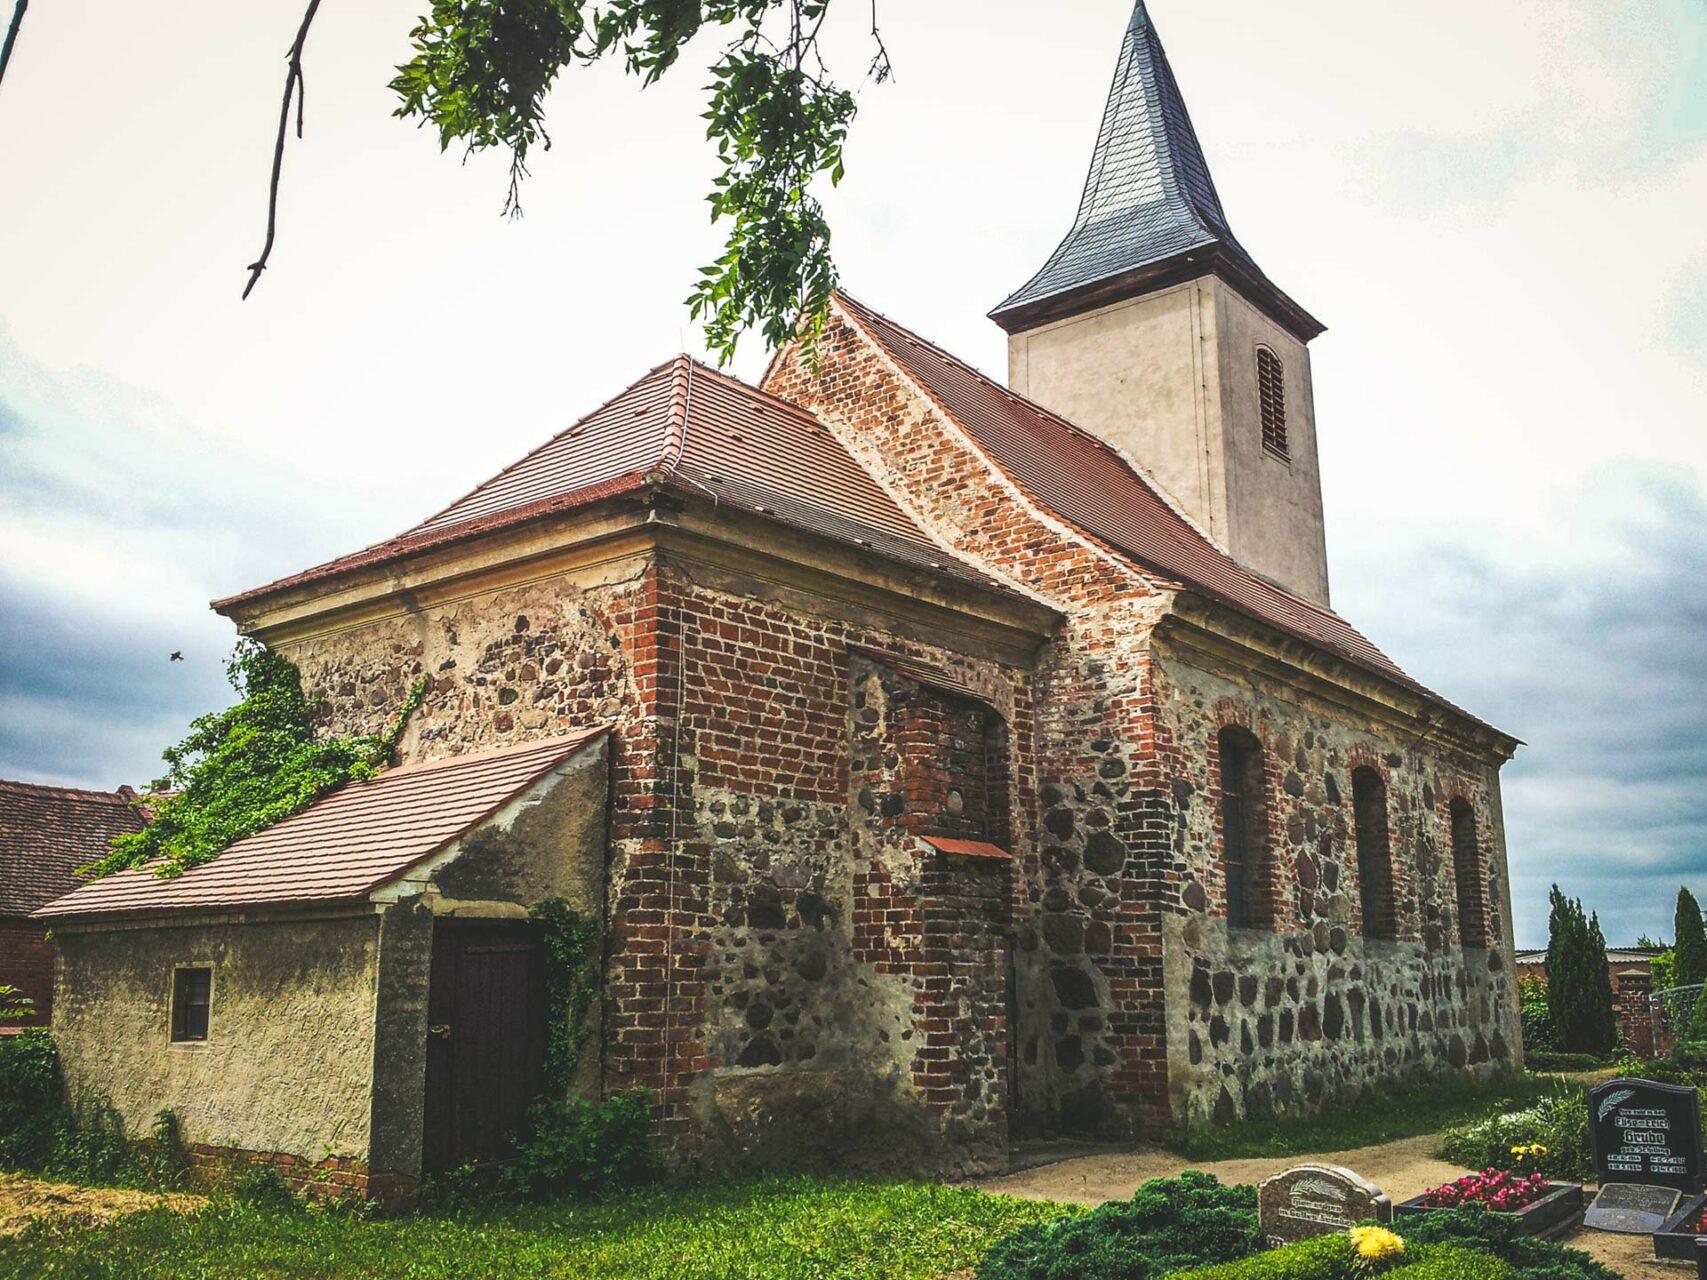 Stilmischung: Die Kirche in Grobleben wurde im 13. Jhdt. aus Feldsteinen erbaut und erfuhr nach dem 30-jährigen Krieg eine Renaissance im Barock-Stil.